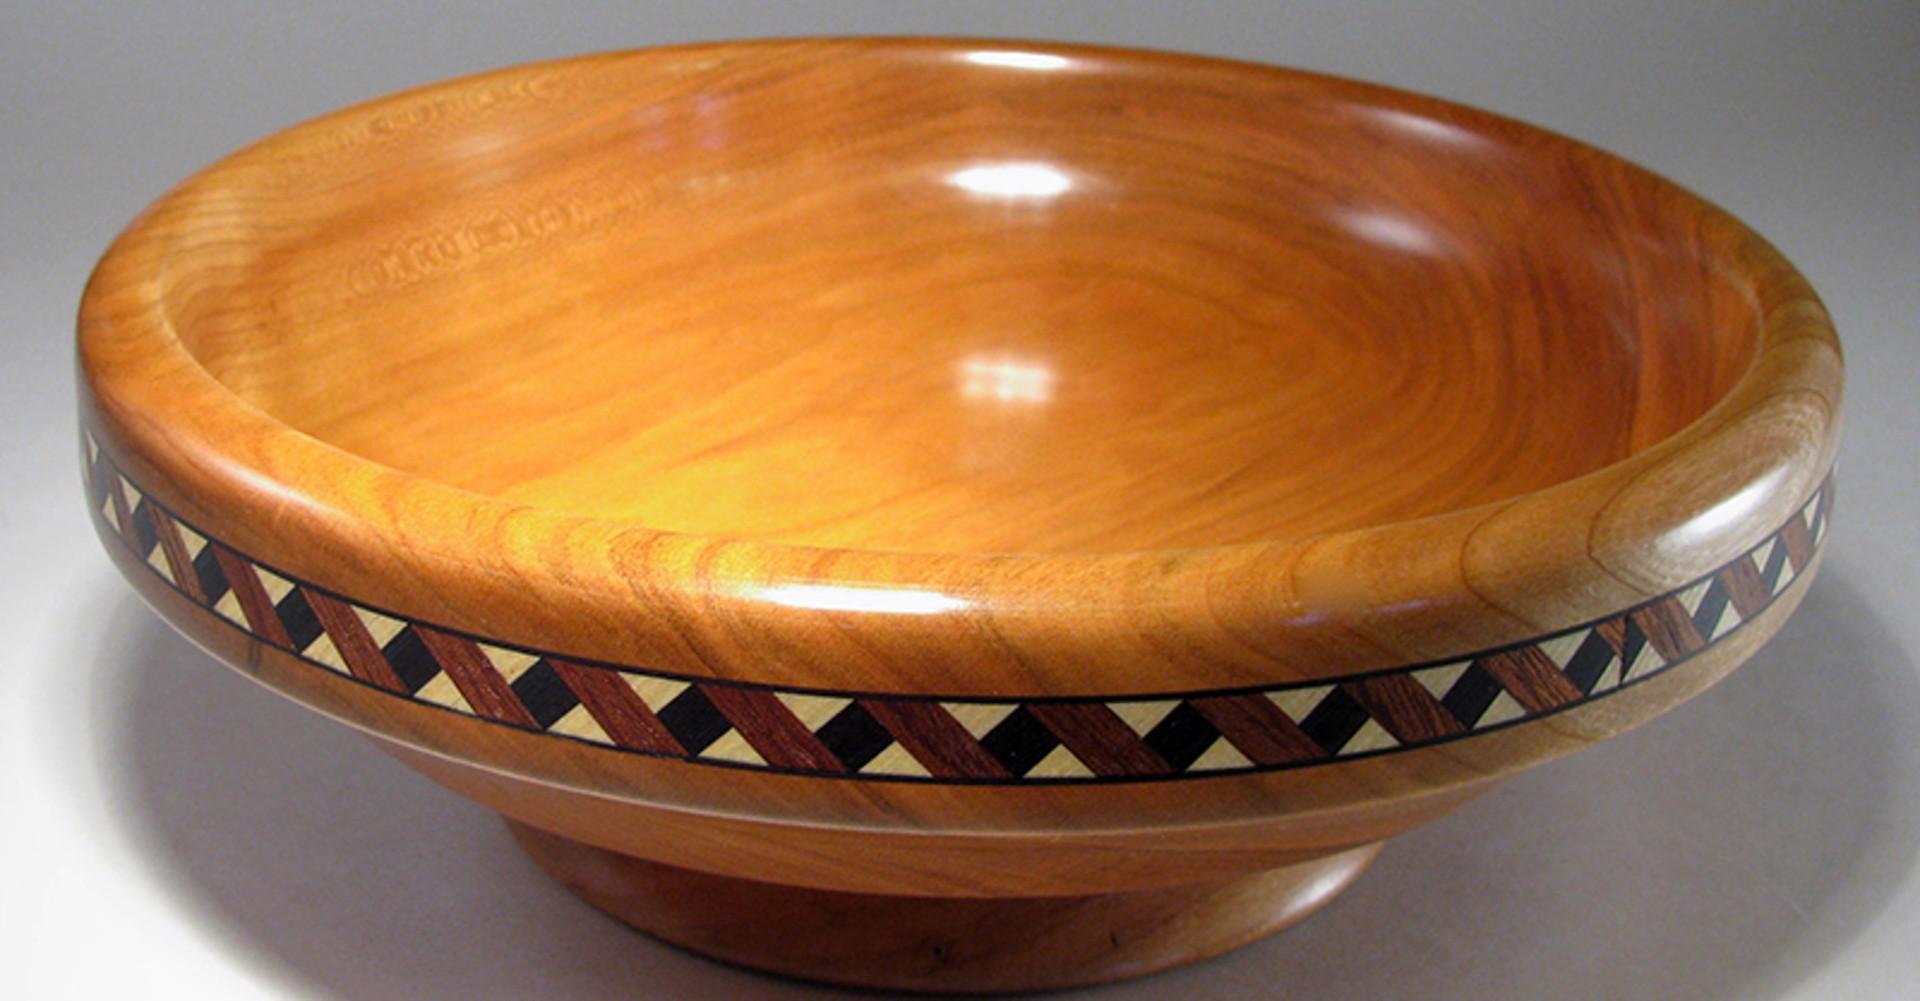 Inlaid Bowl by Bill Wanezek